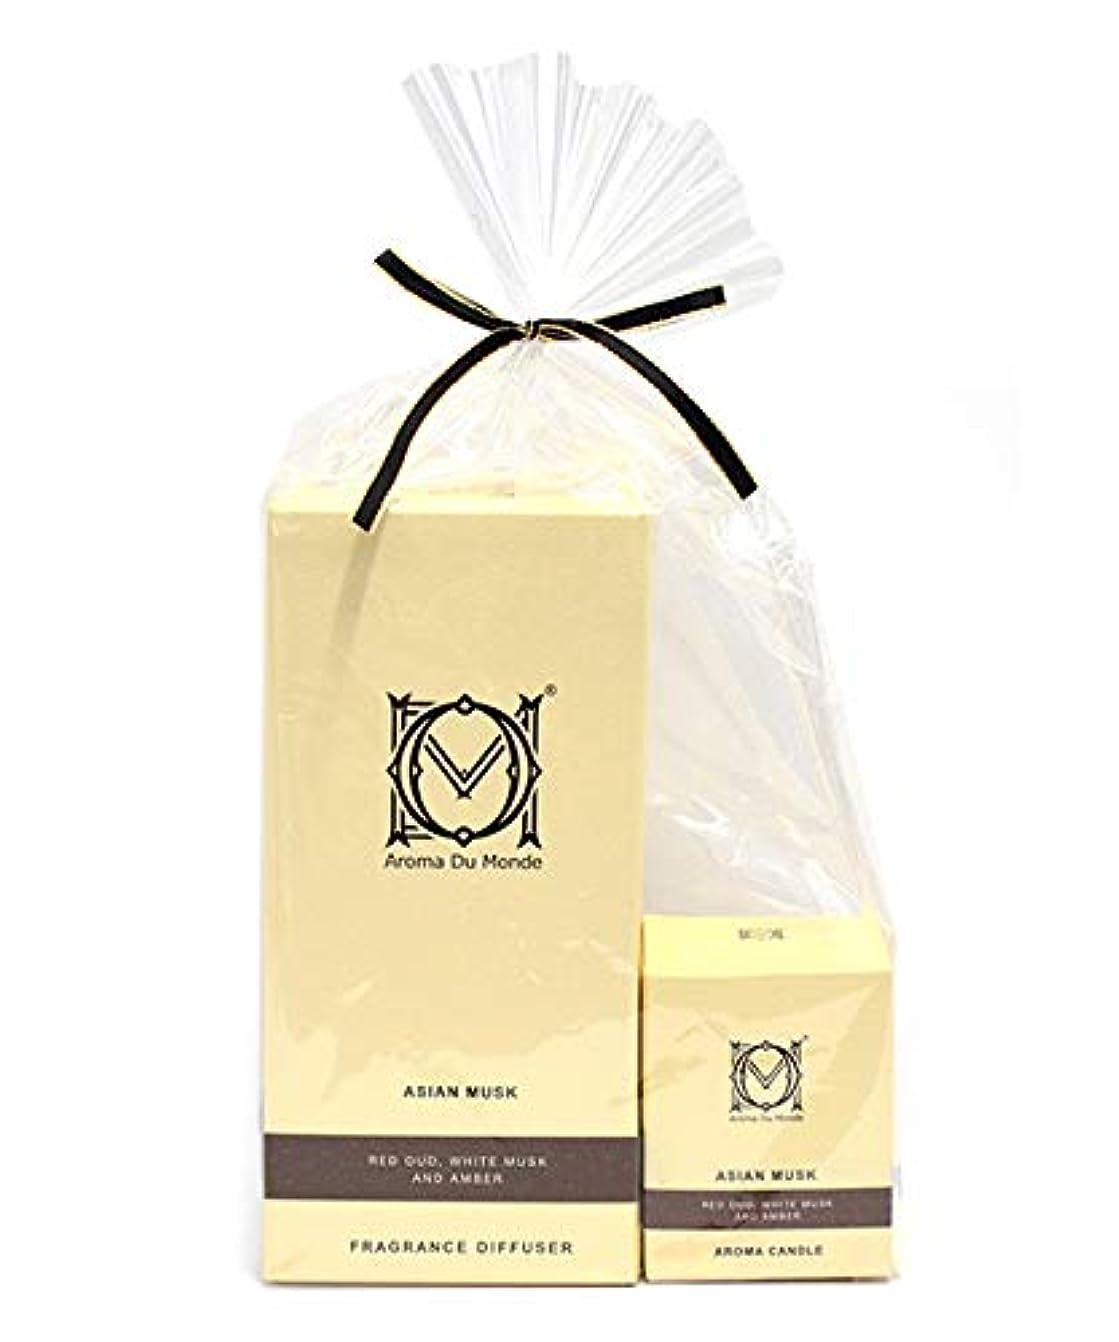 確立します図無限フレグランスディフューザー&キャンドル アジアンムスク セット Aroma Du Monde/ADM Fragrance Diffuser & Candle Asian Musk Set 81157